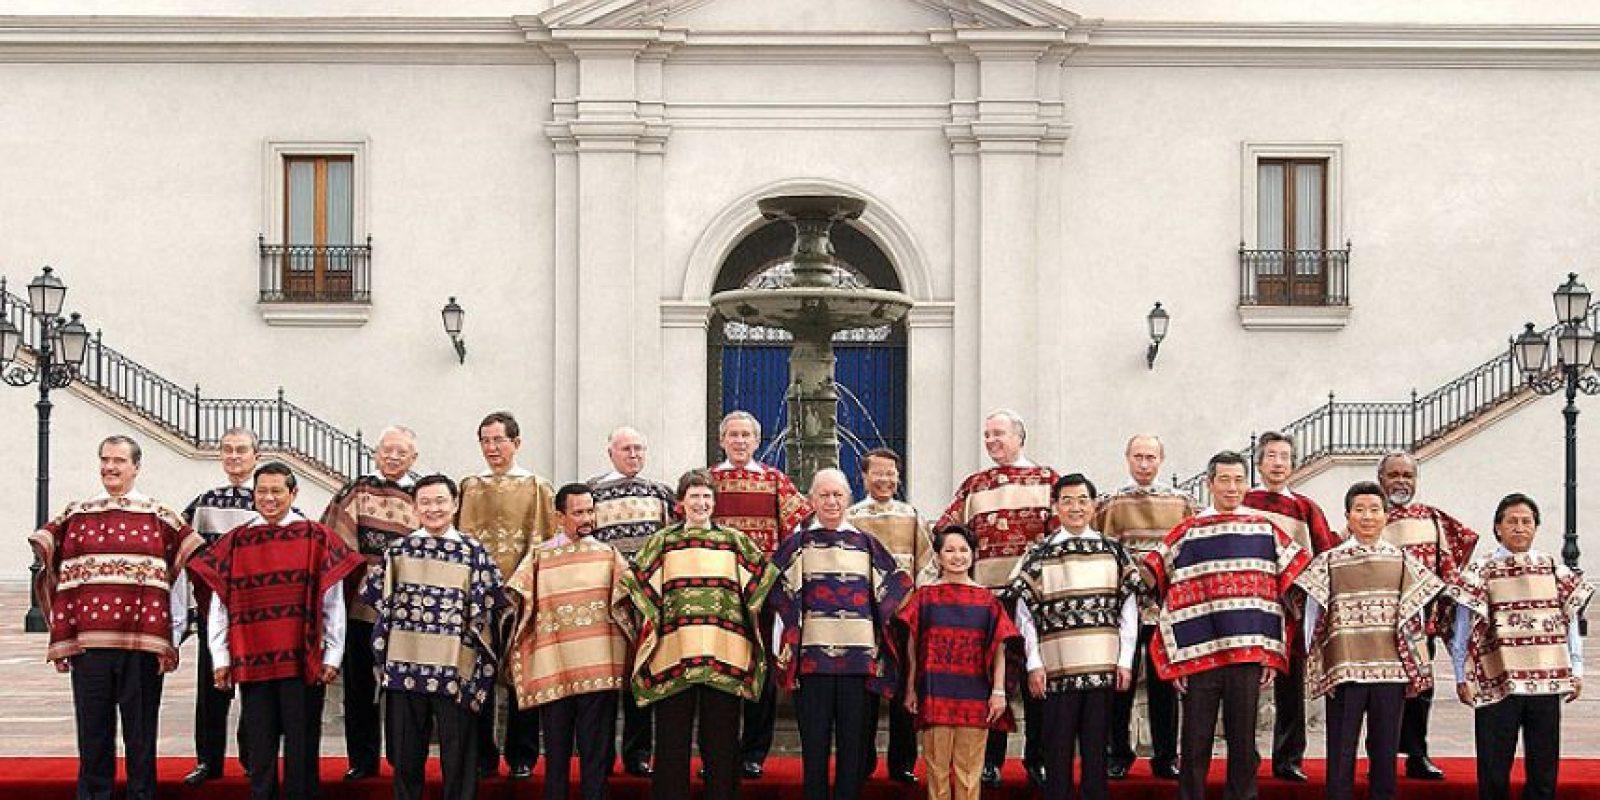 Y Chile celebró la cumbre entre el 20 y el 21 de noviembre de 2004 en Santiago Foto:Wikimedia.org